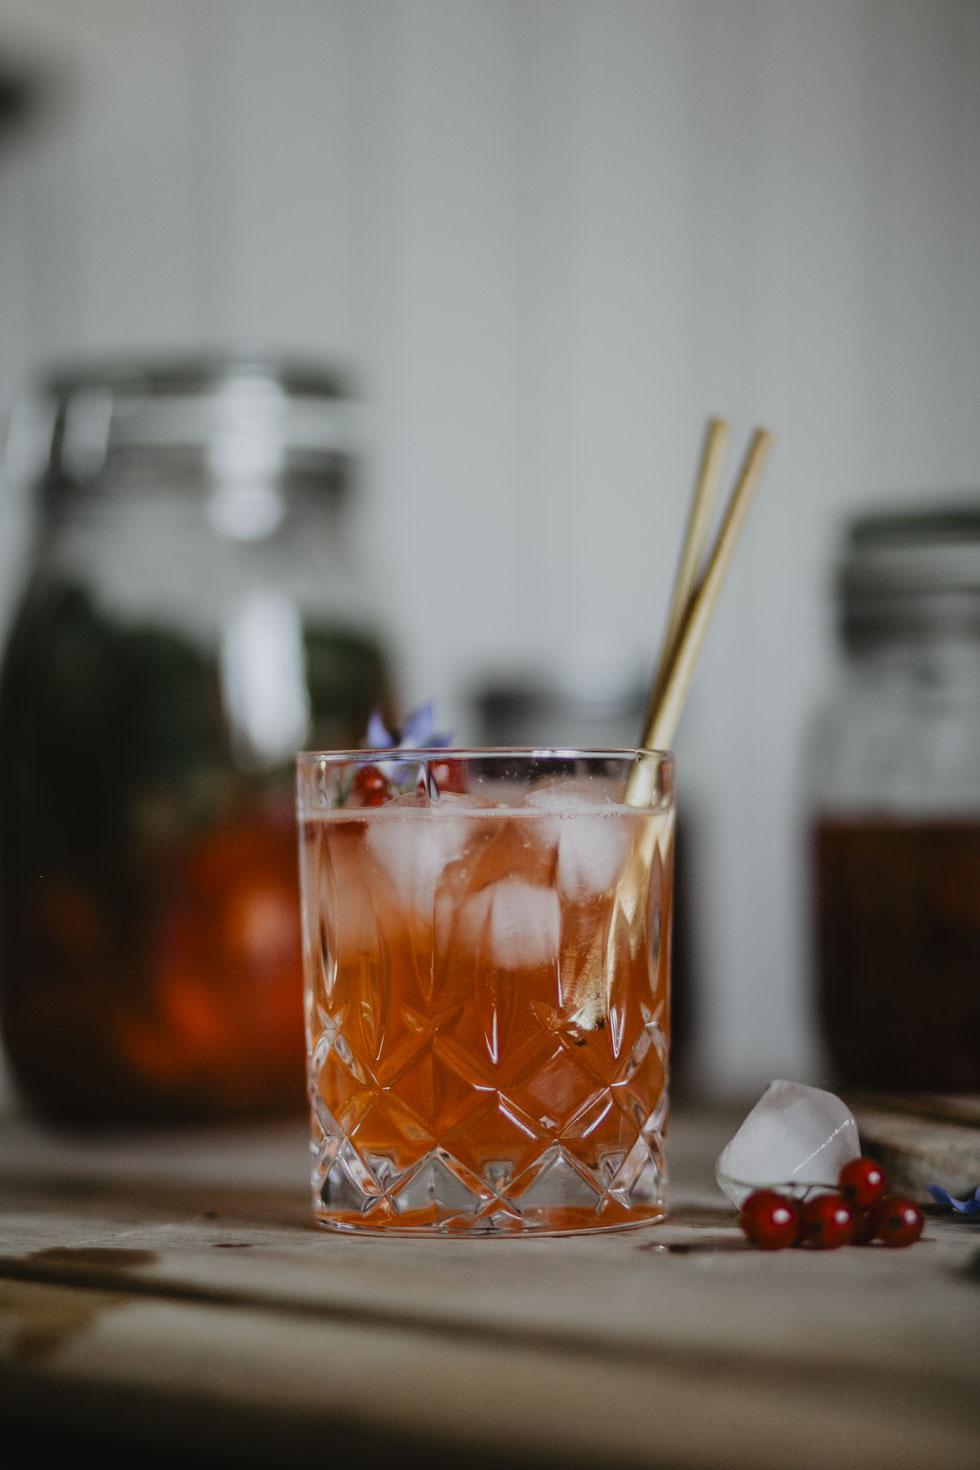 shrub selber machen rezepte , shrub cocktail rezept